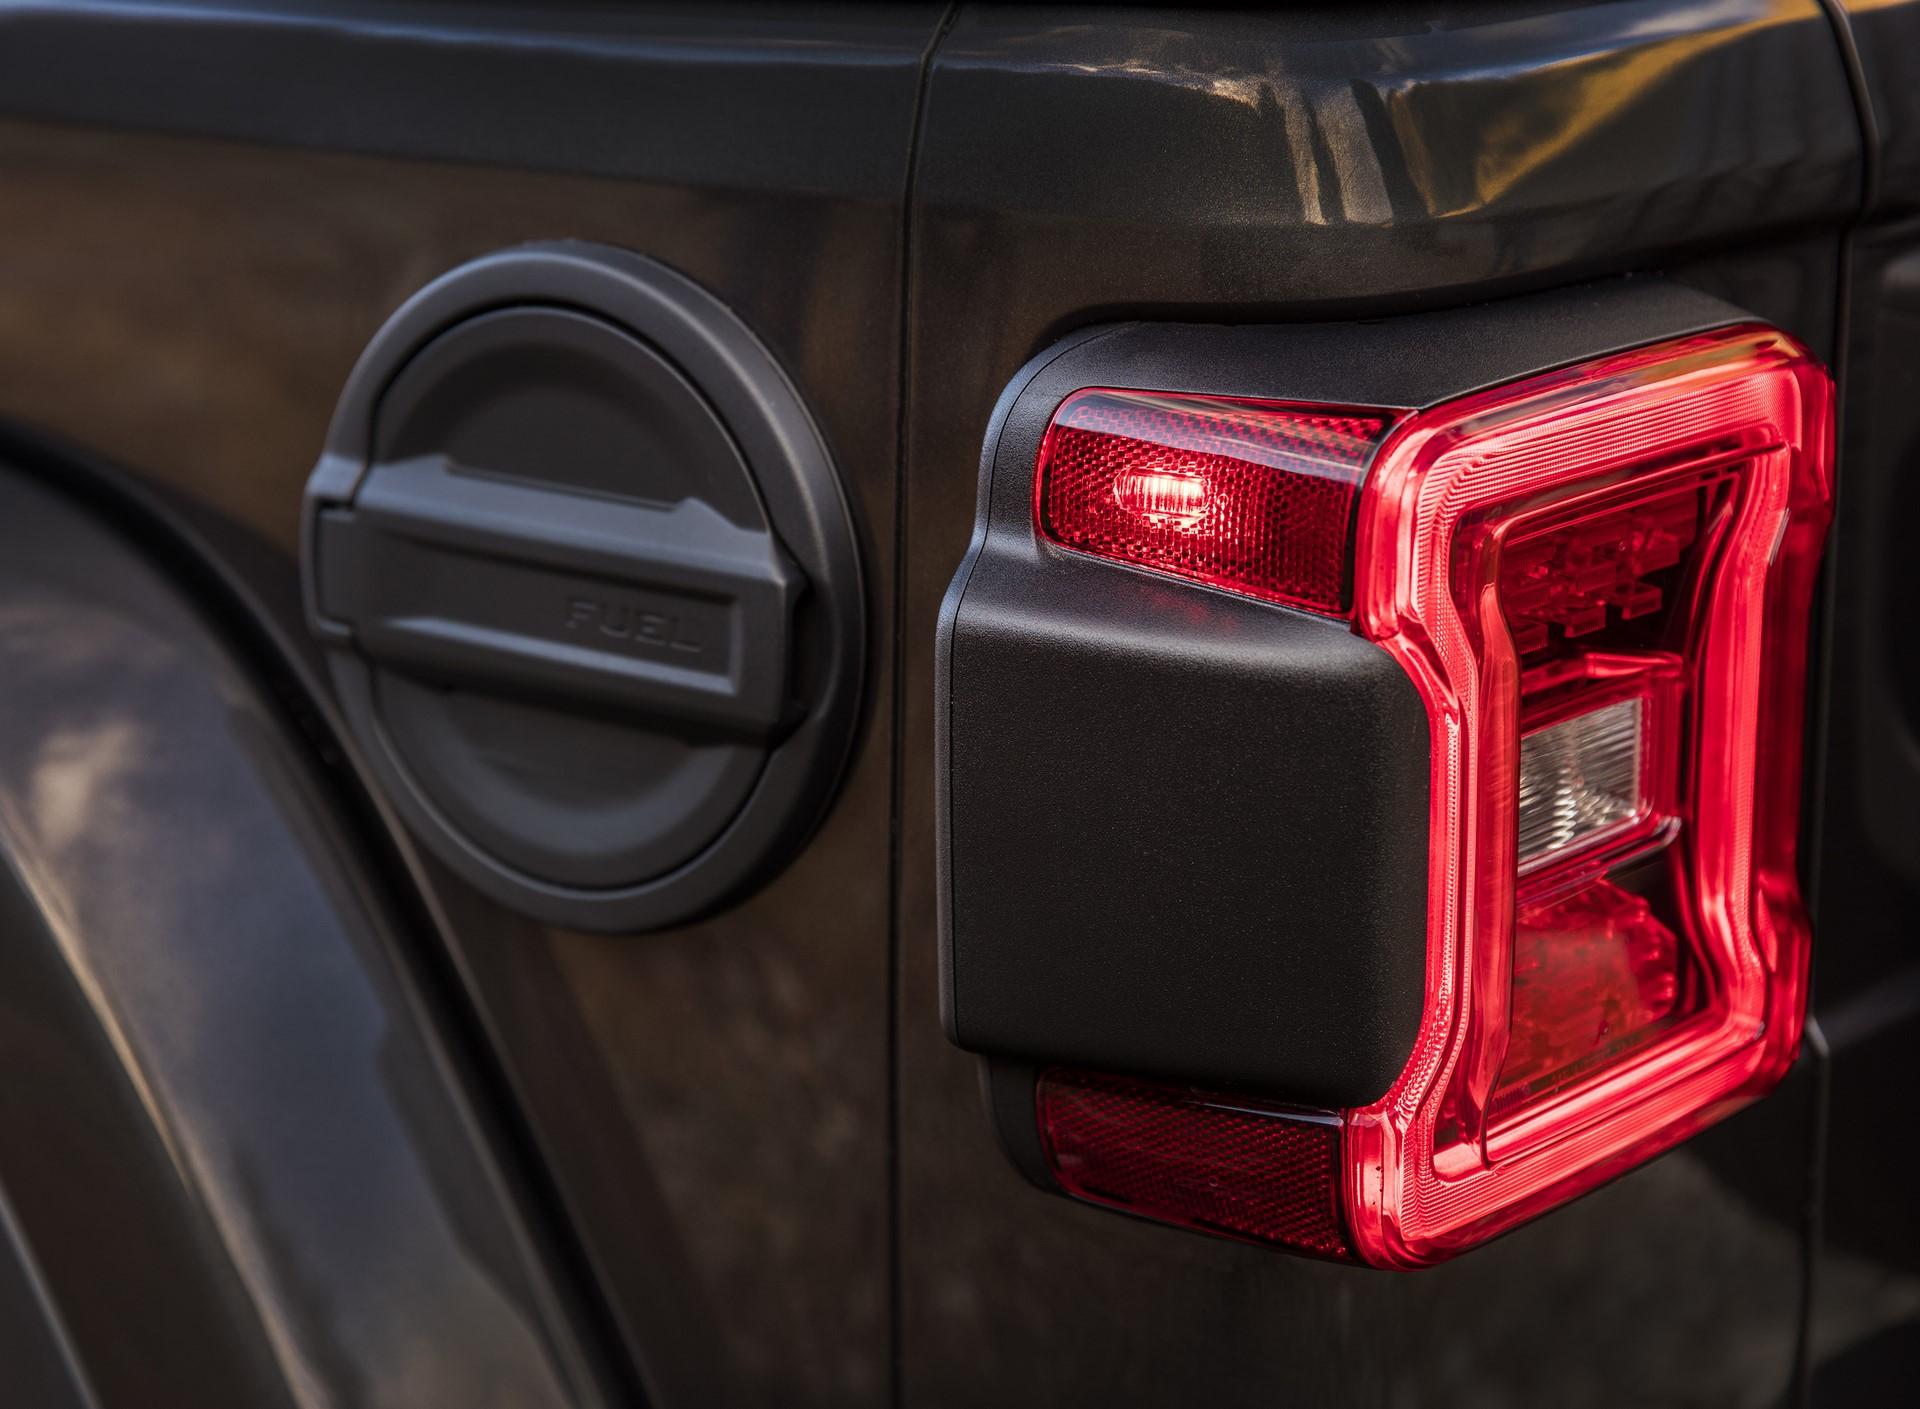 2018 Jeep Wrangler 110 (9)